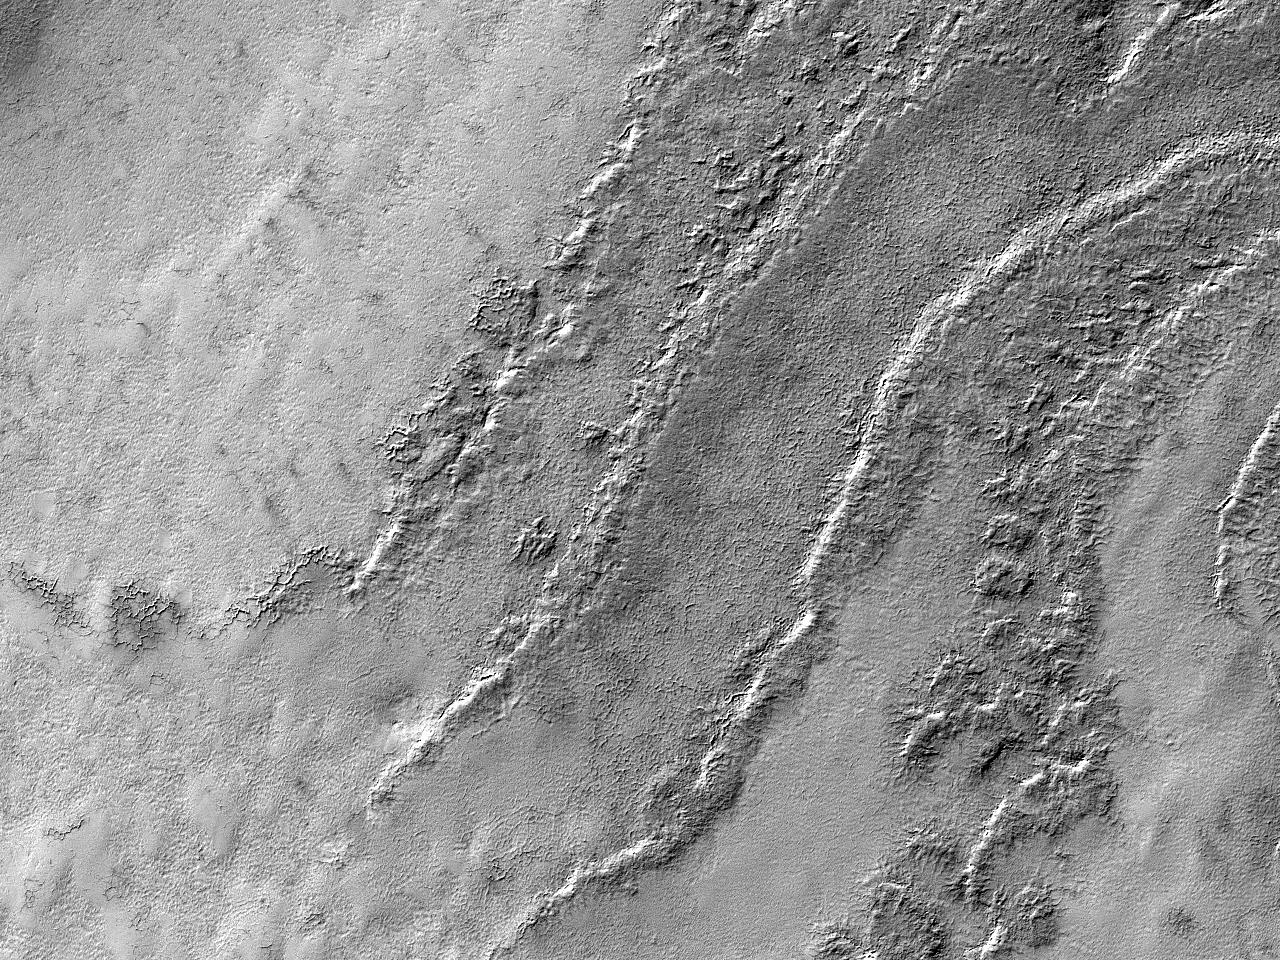 Обнажение слоистых отложений Южного полюса